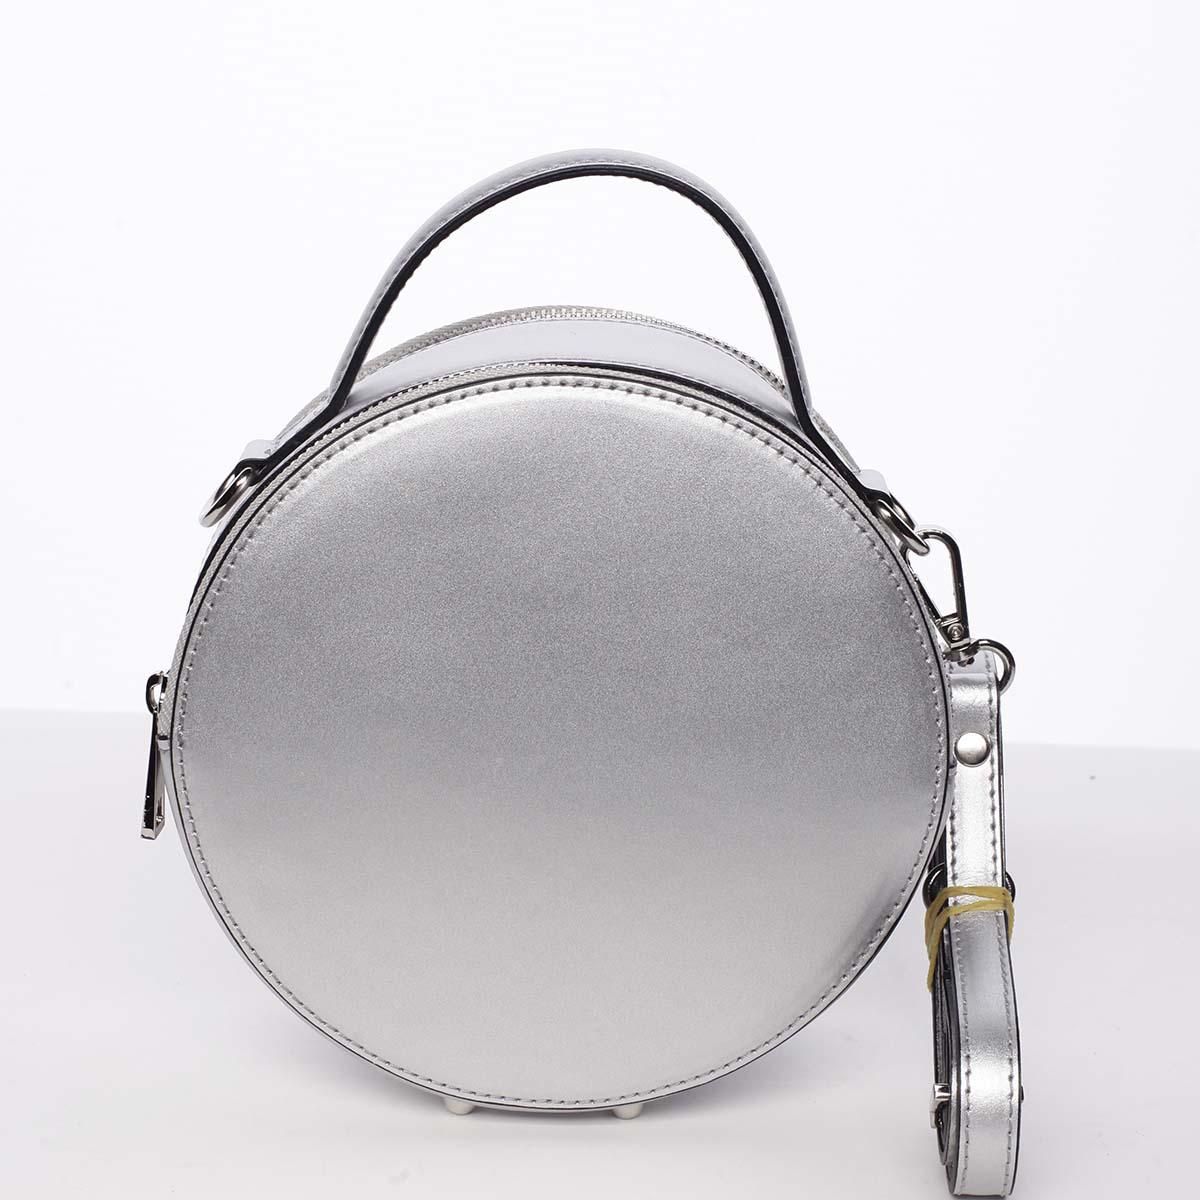 Malá stříbrná elegantní dámská kožená kabelka - ItalY Husna